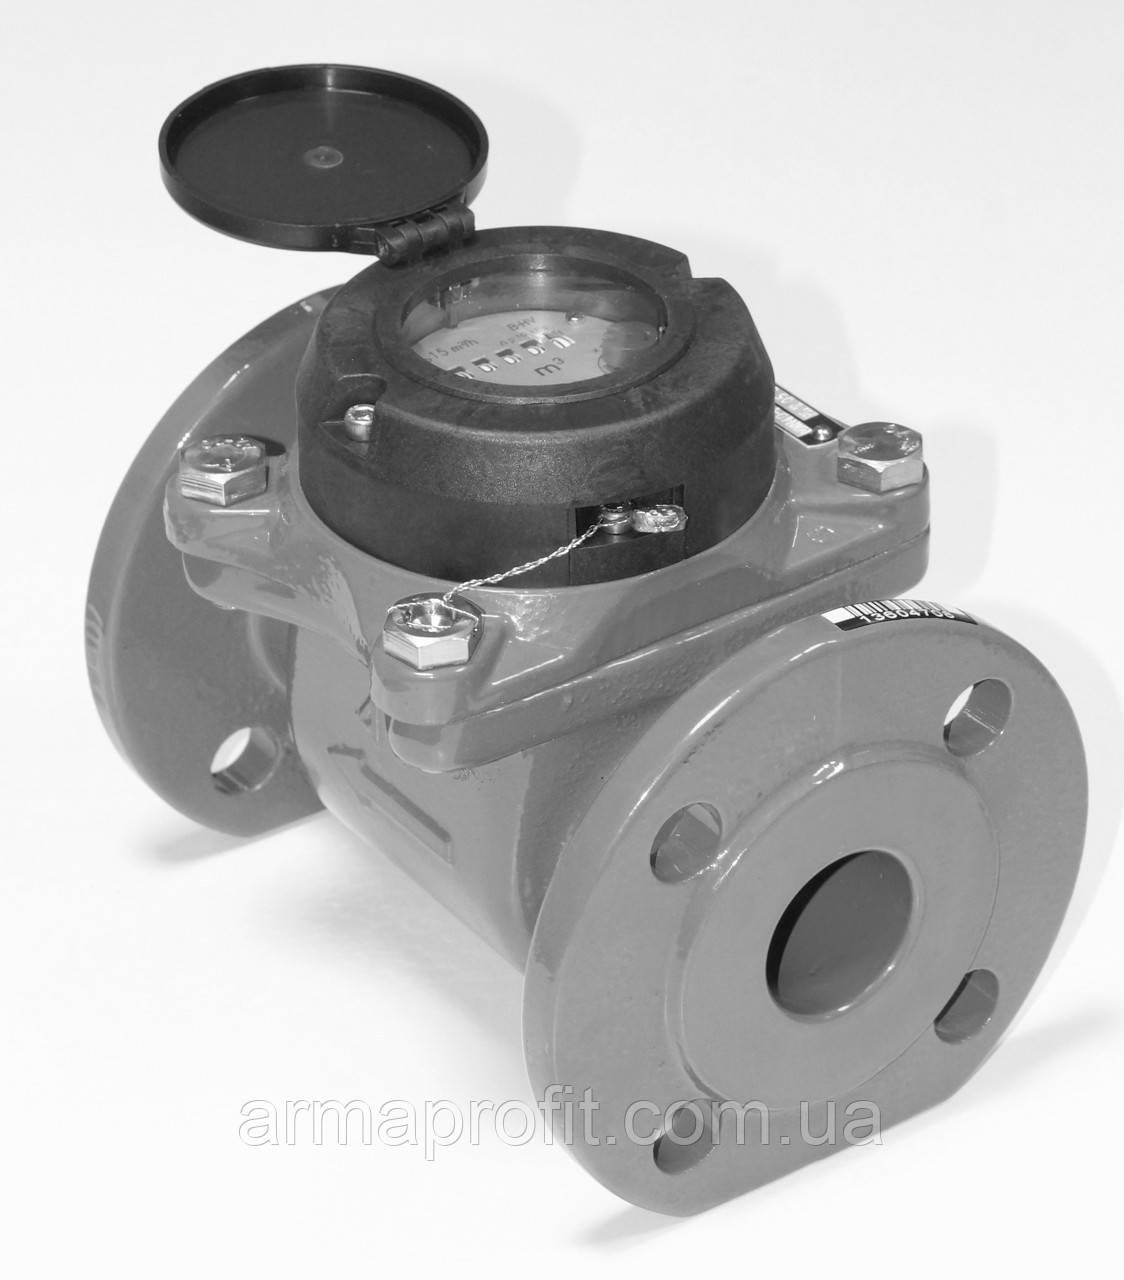 Счетчик горячей воды турбинный фланцевый Ду50 Powogaz MWN-130-50